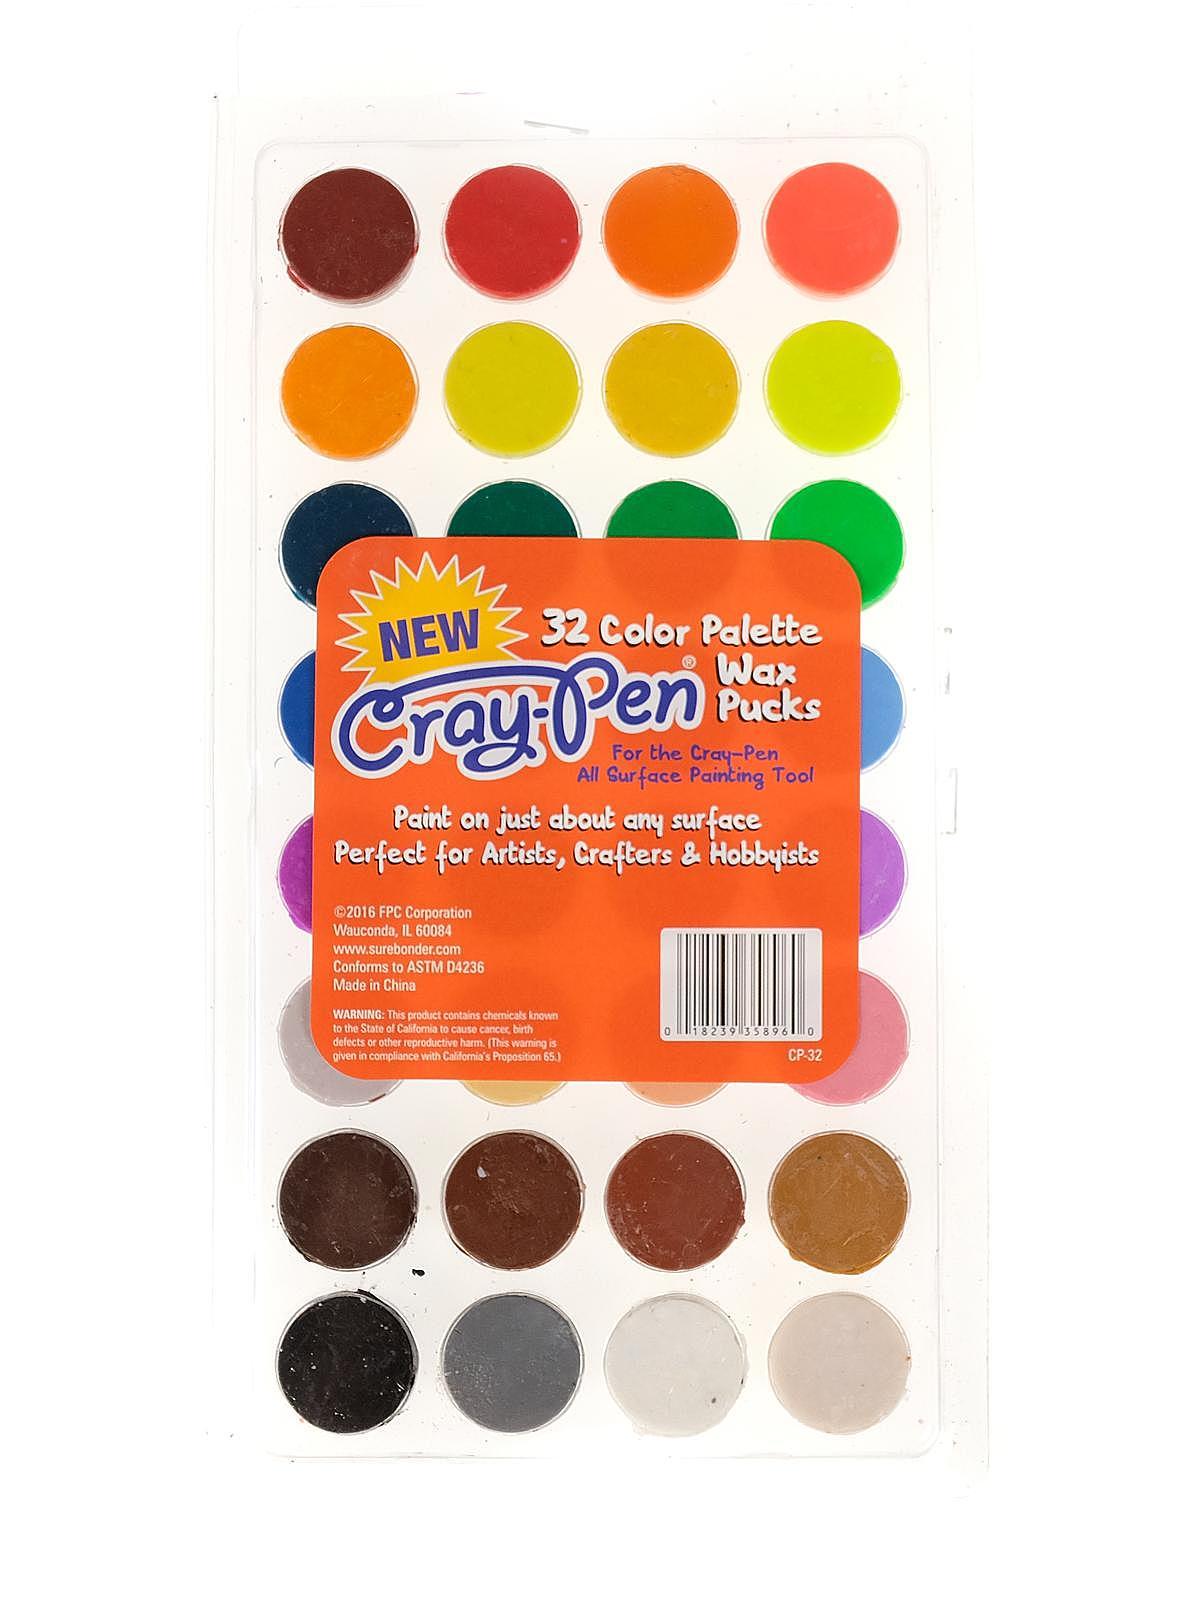 Cray-pen